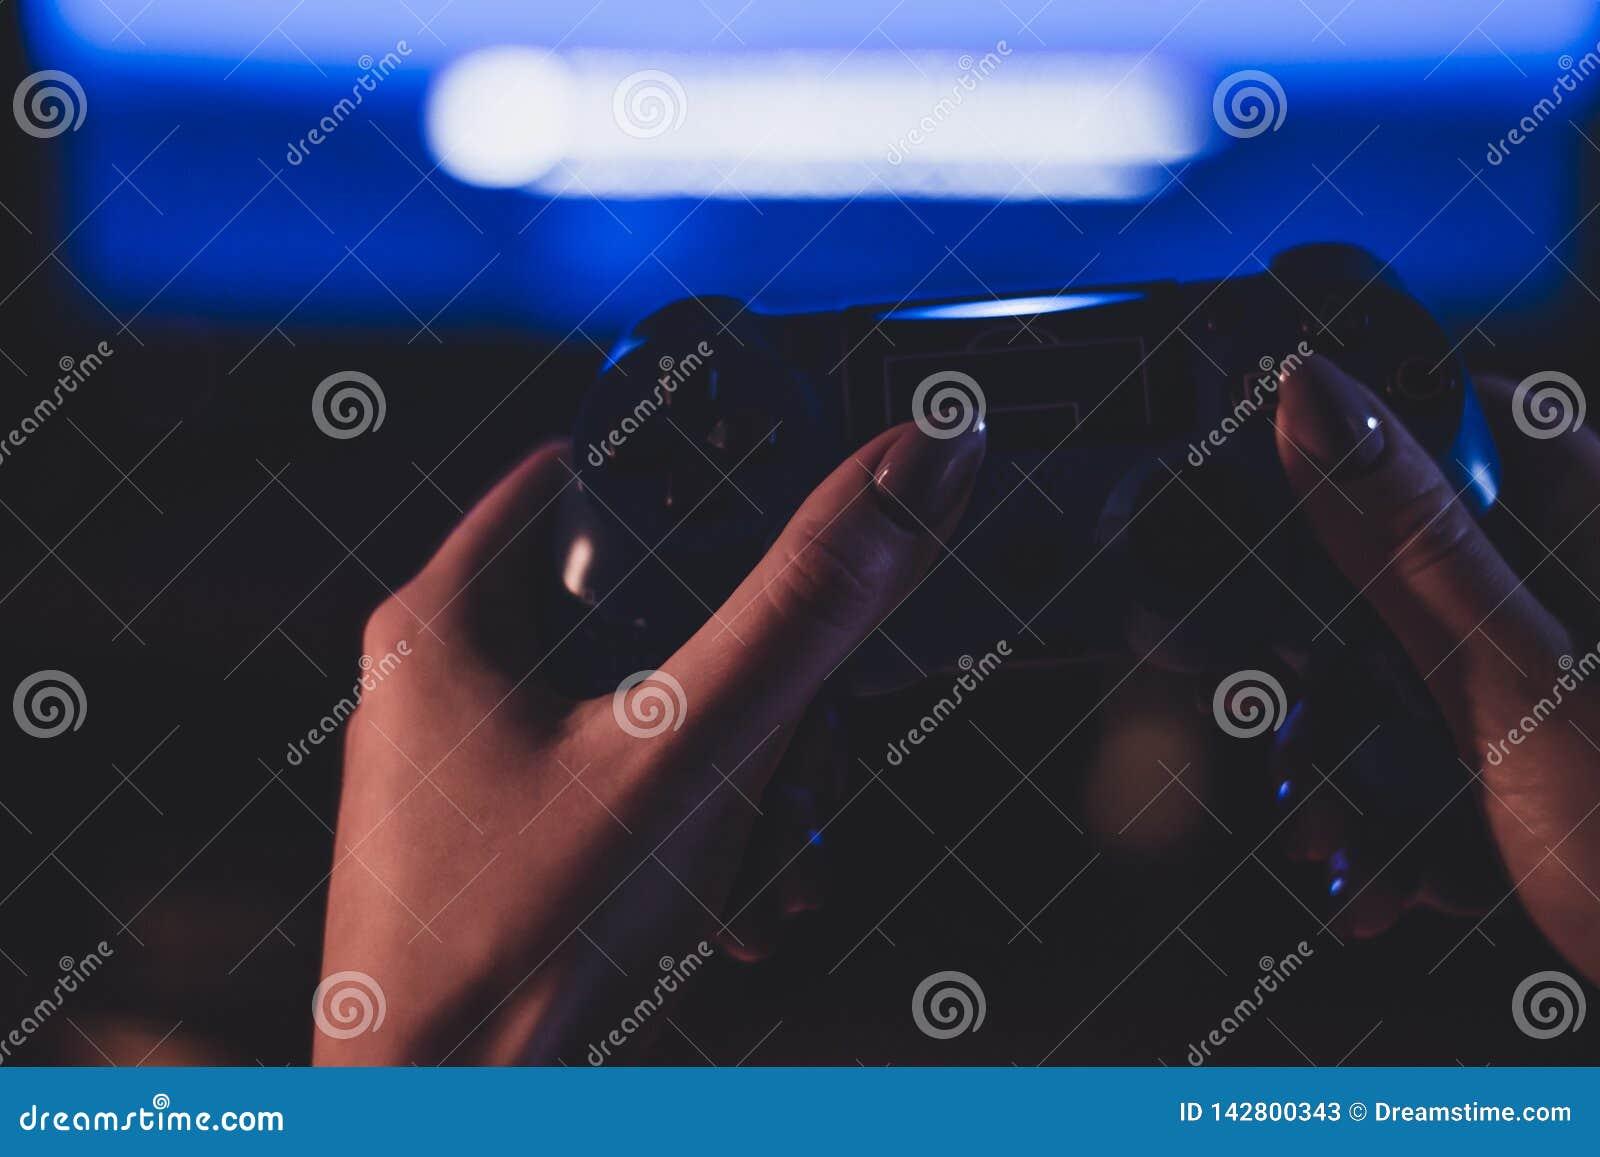 Fotografía atmosférica del geypad en la mano de una muchacha